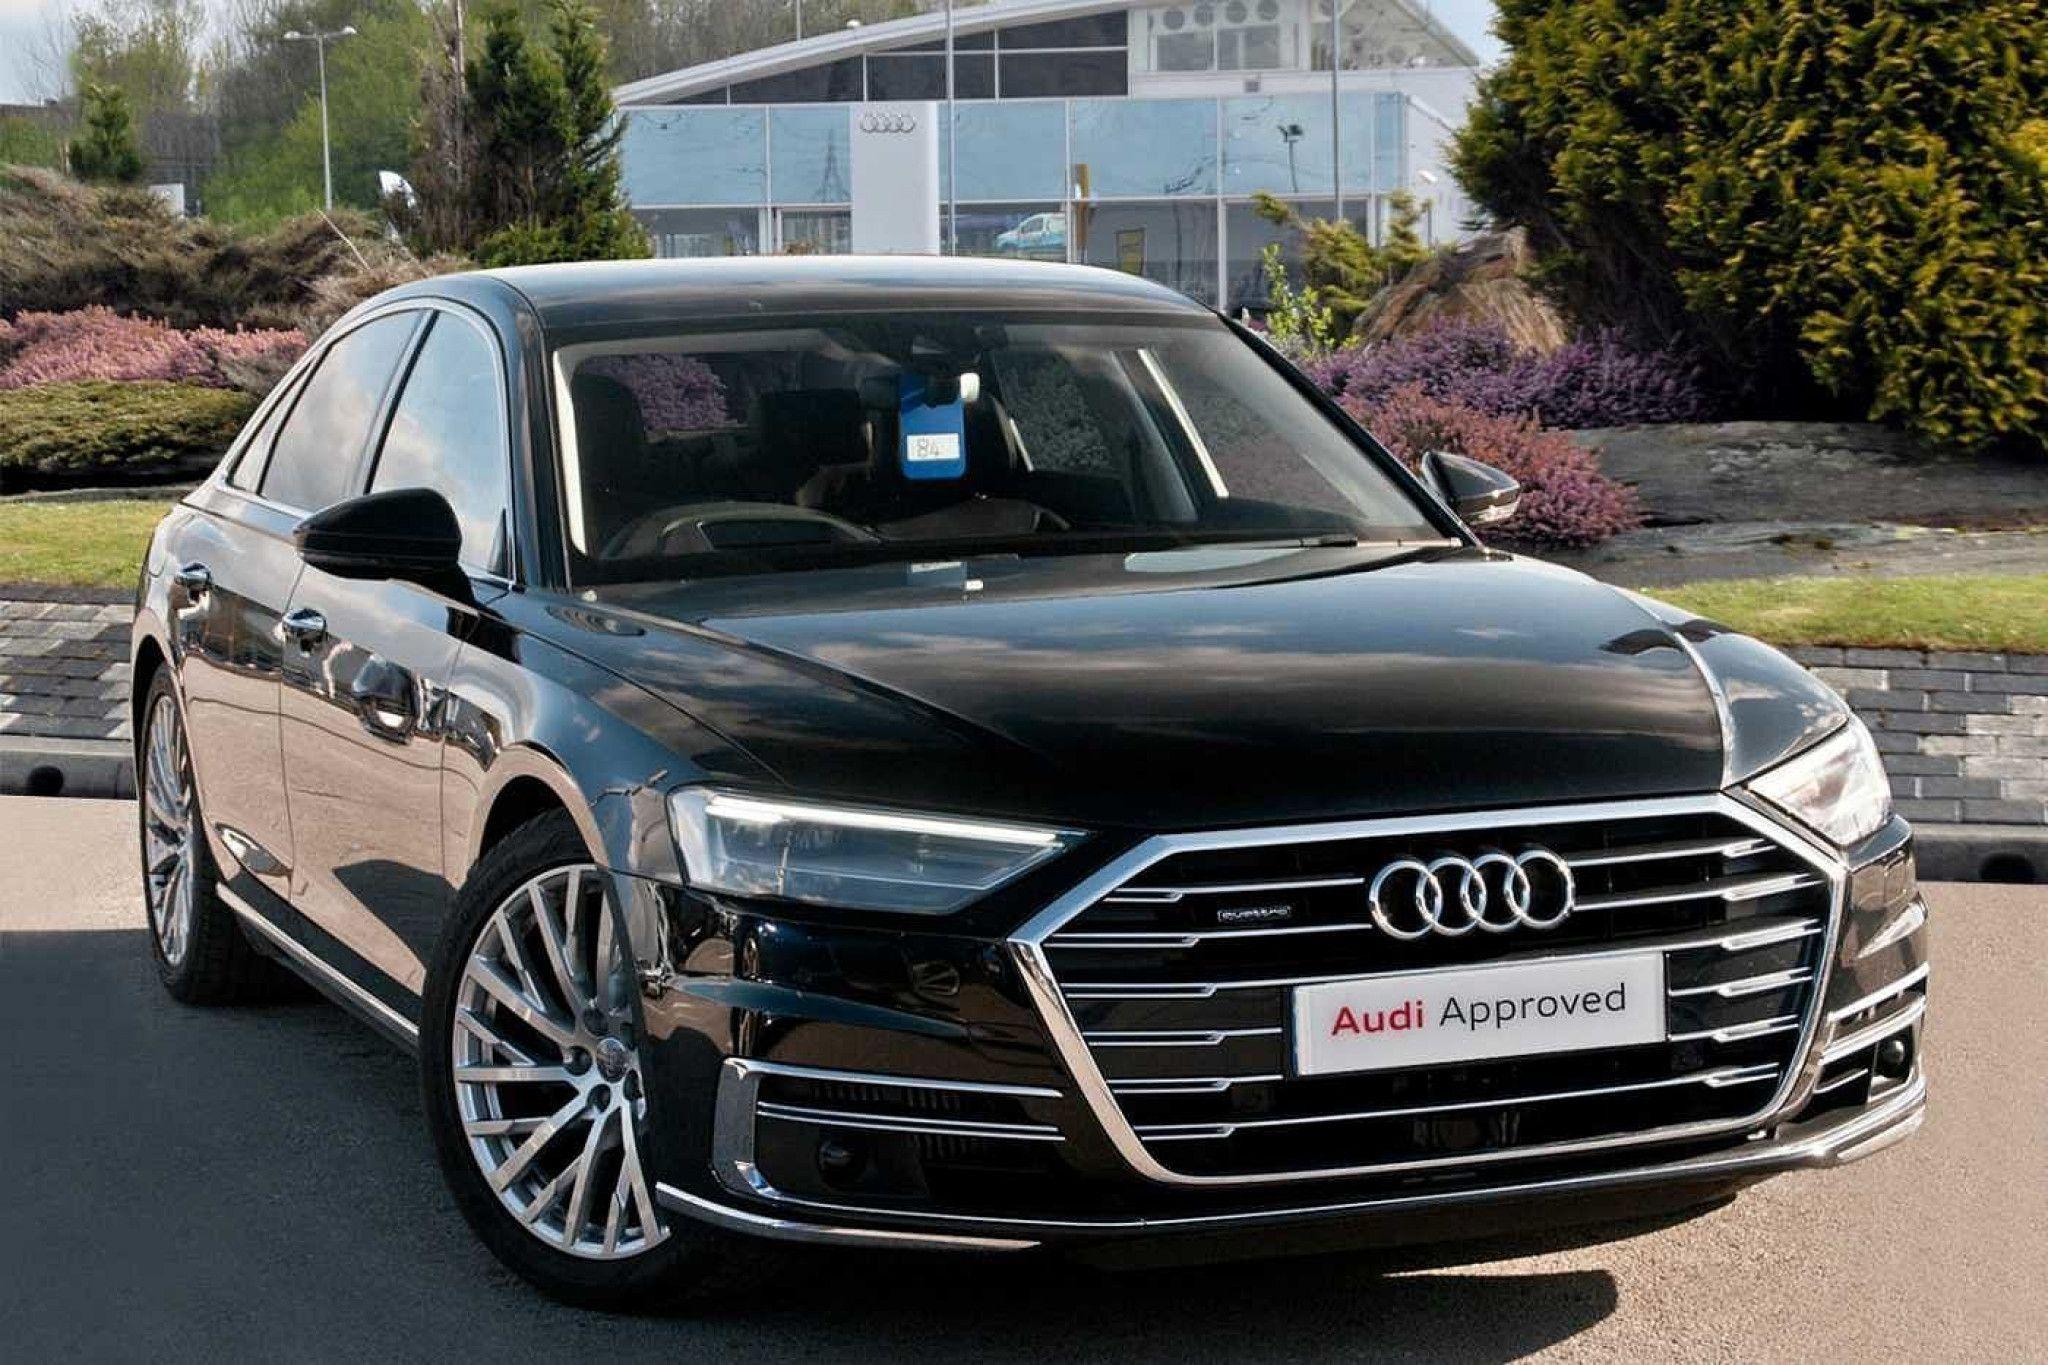 Audi A8 50 Tdi Quattro 4dr Tiptronic Audi A8 Carsforsale In 2020 Audi A8 Used Audi Audi